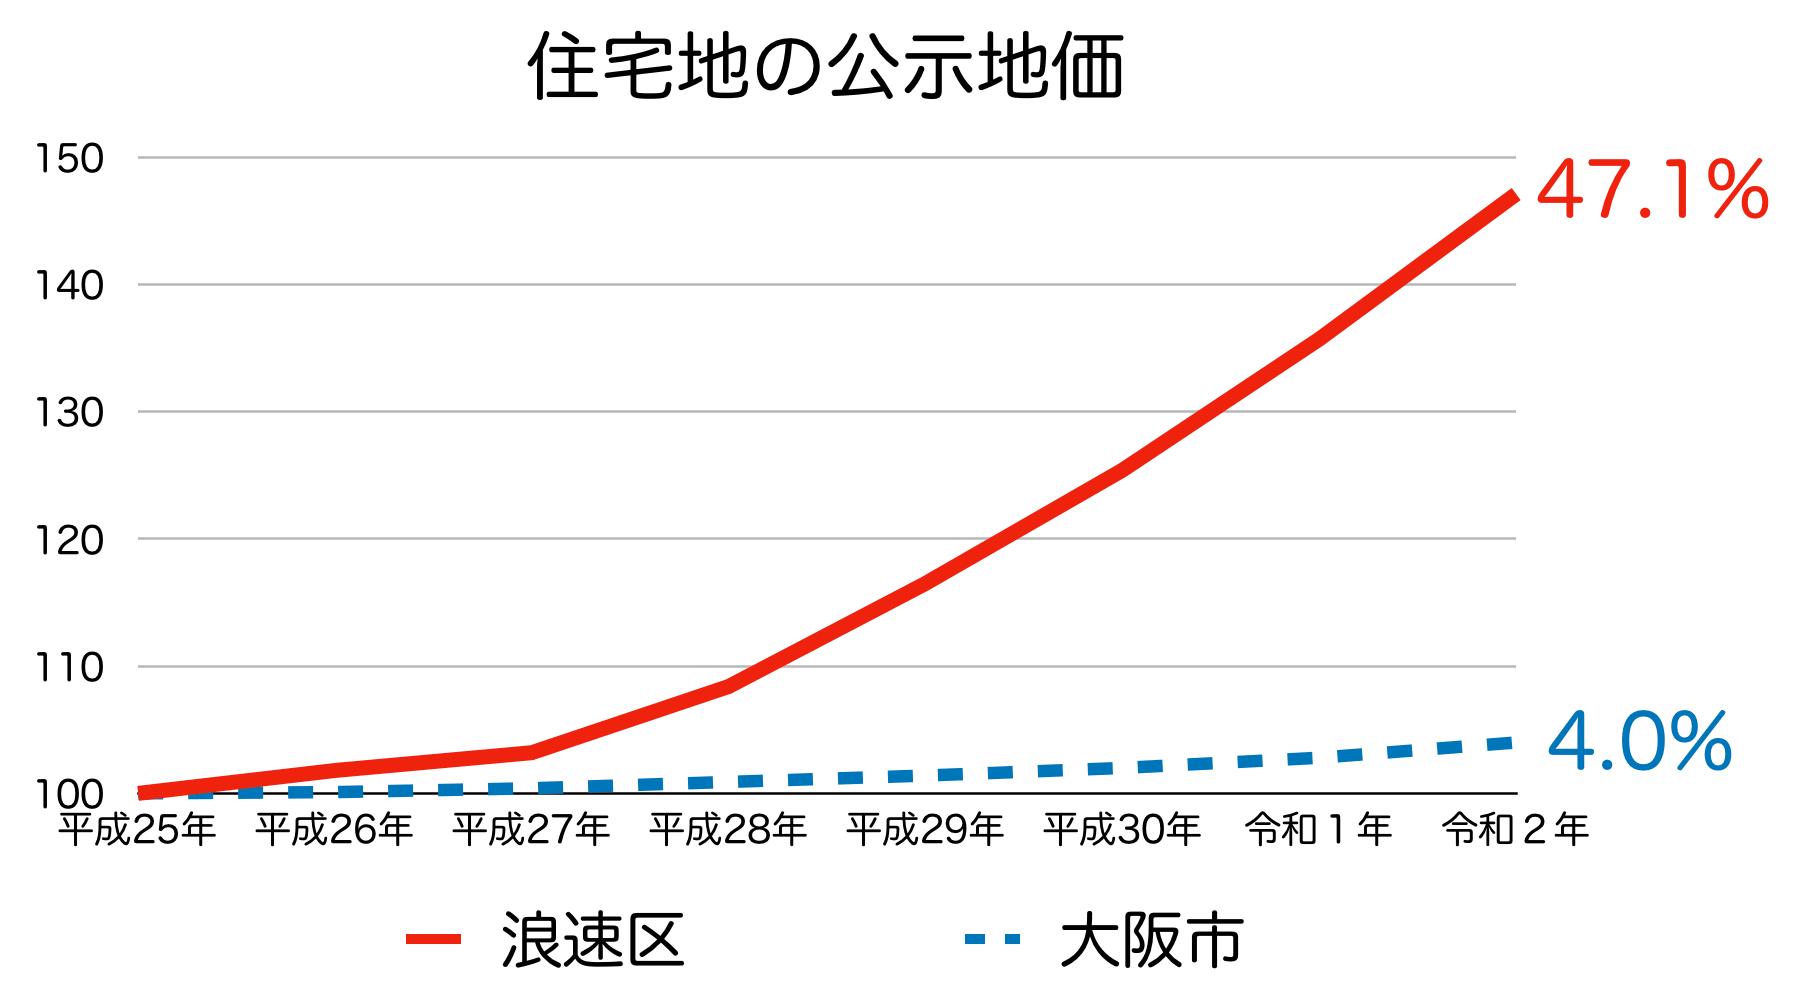 浪速区の公示地価の推移(令和2年)